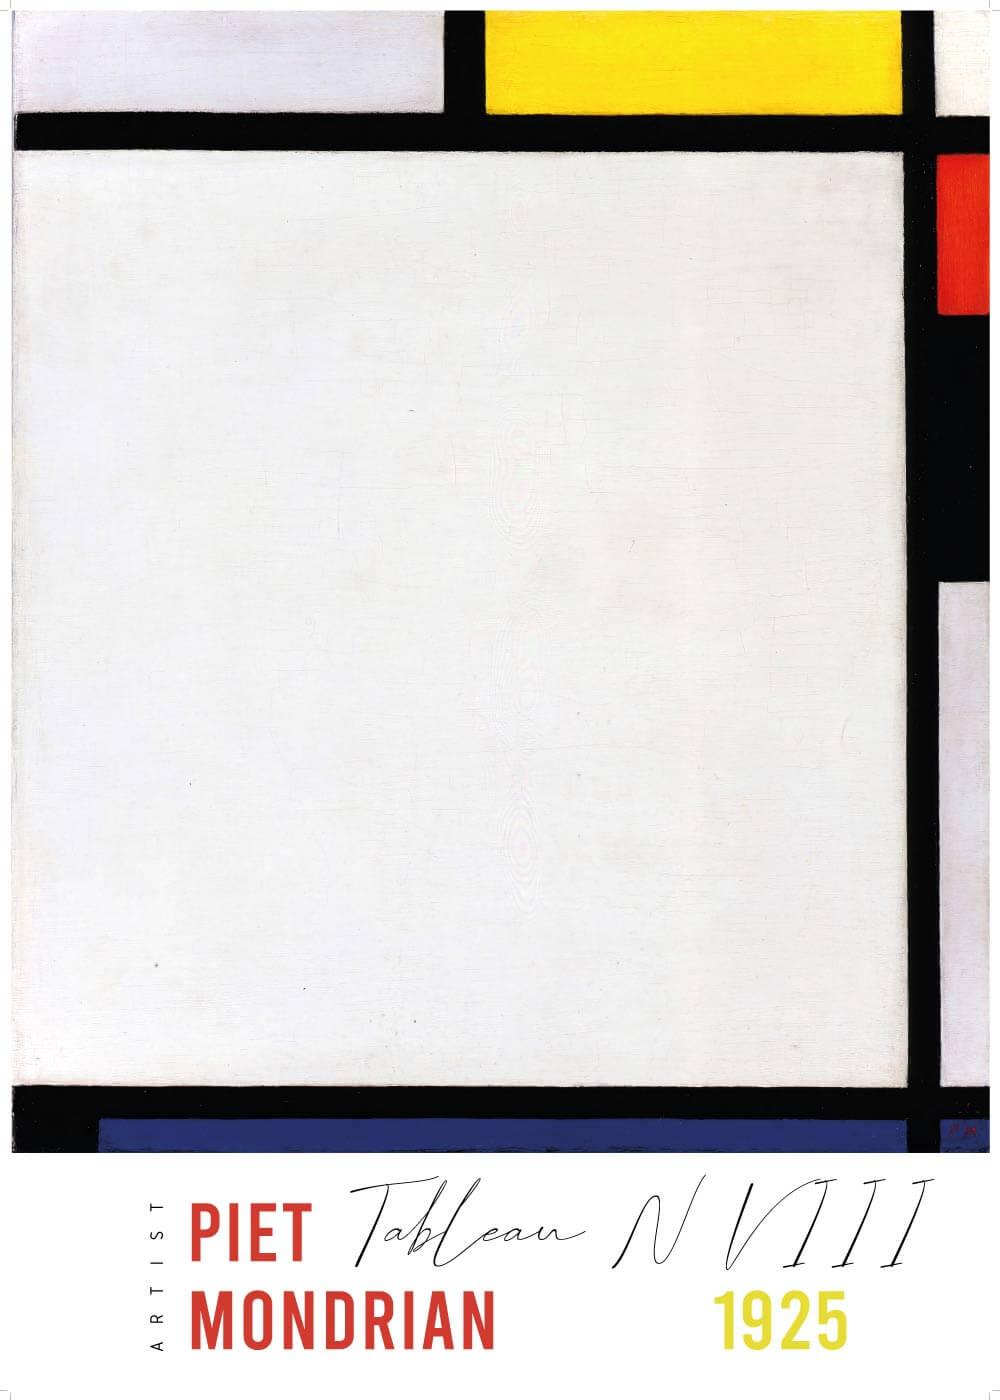 Billede af Tablean N VllI - Piet Mondrian